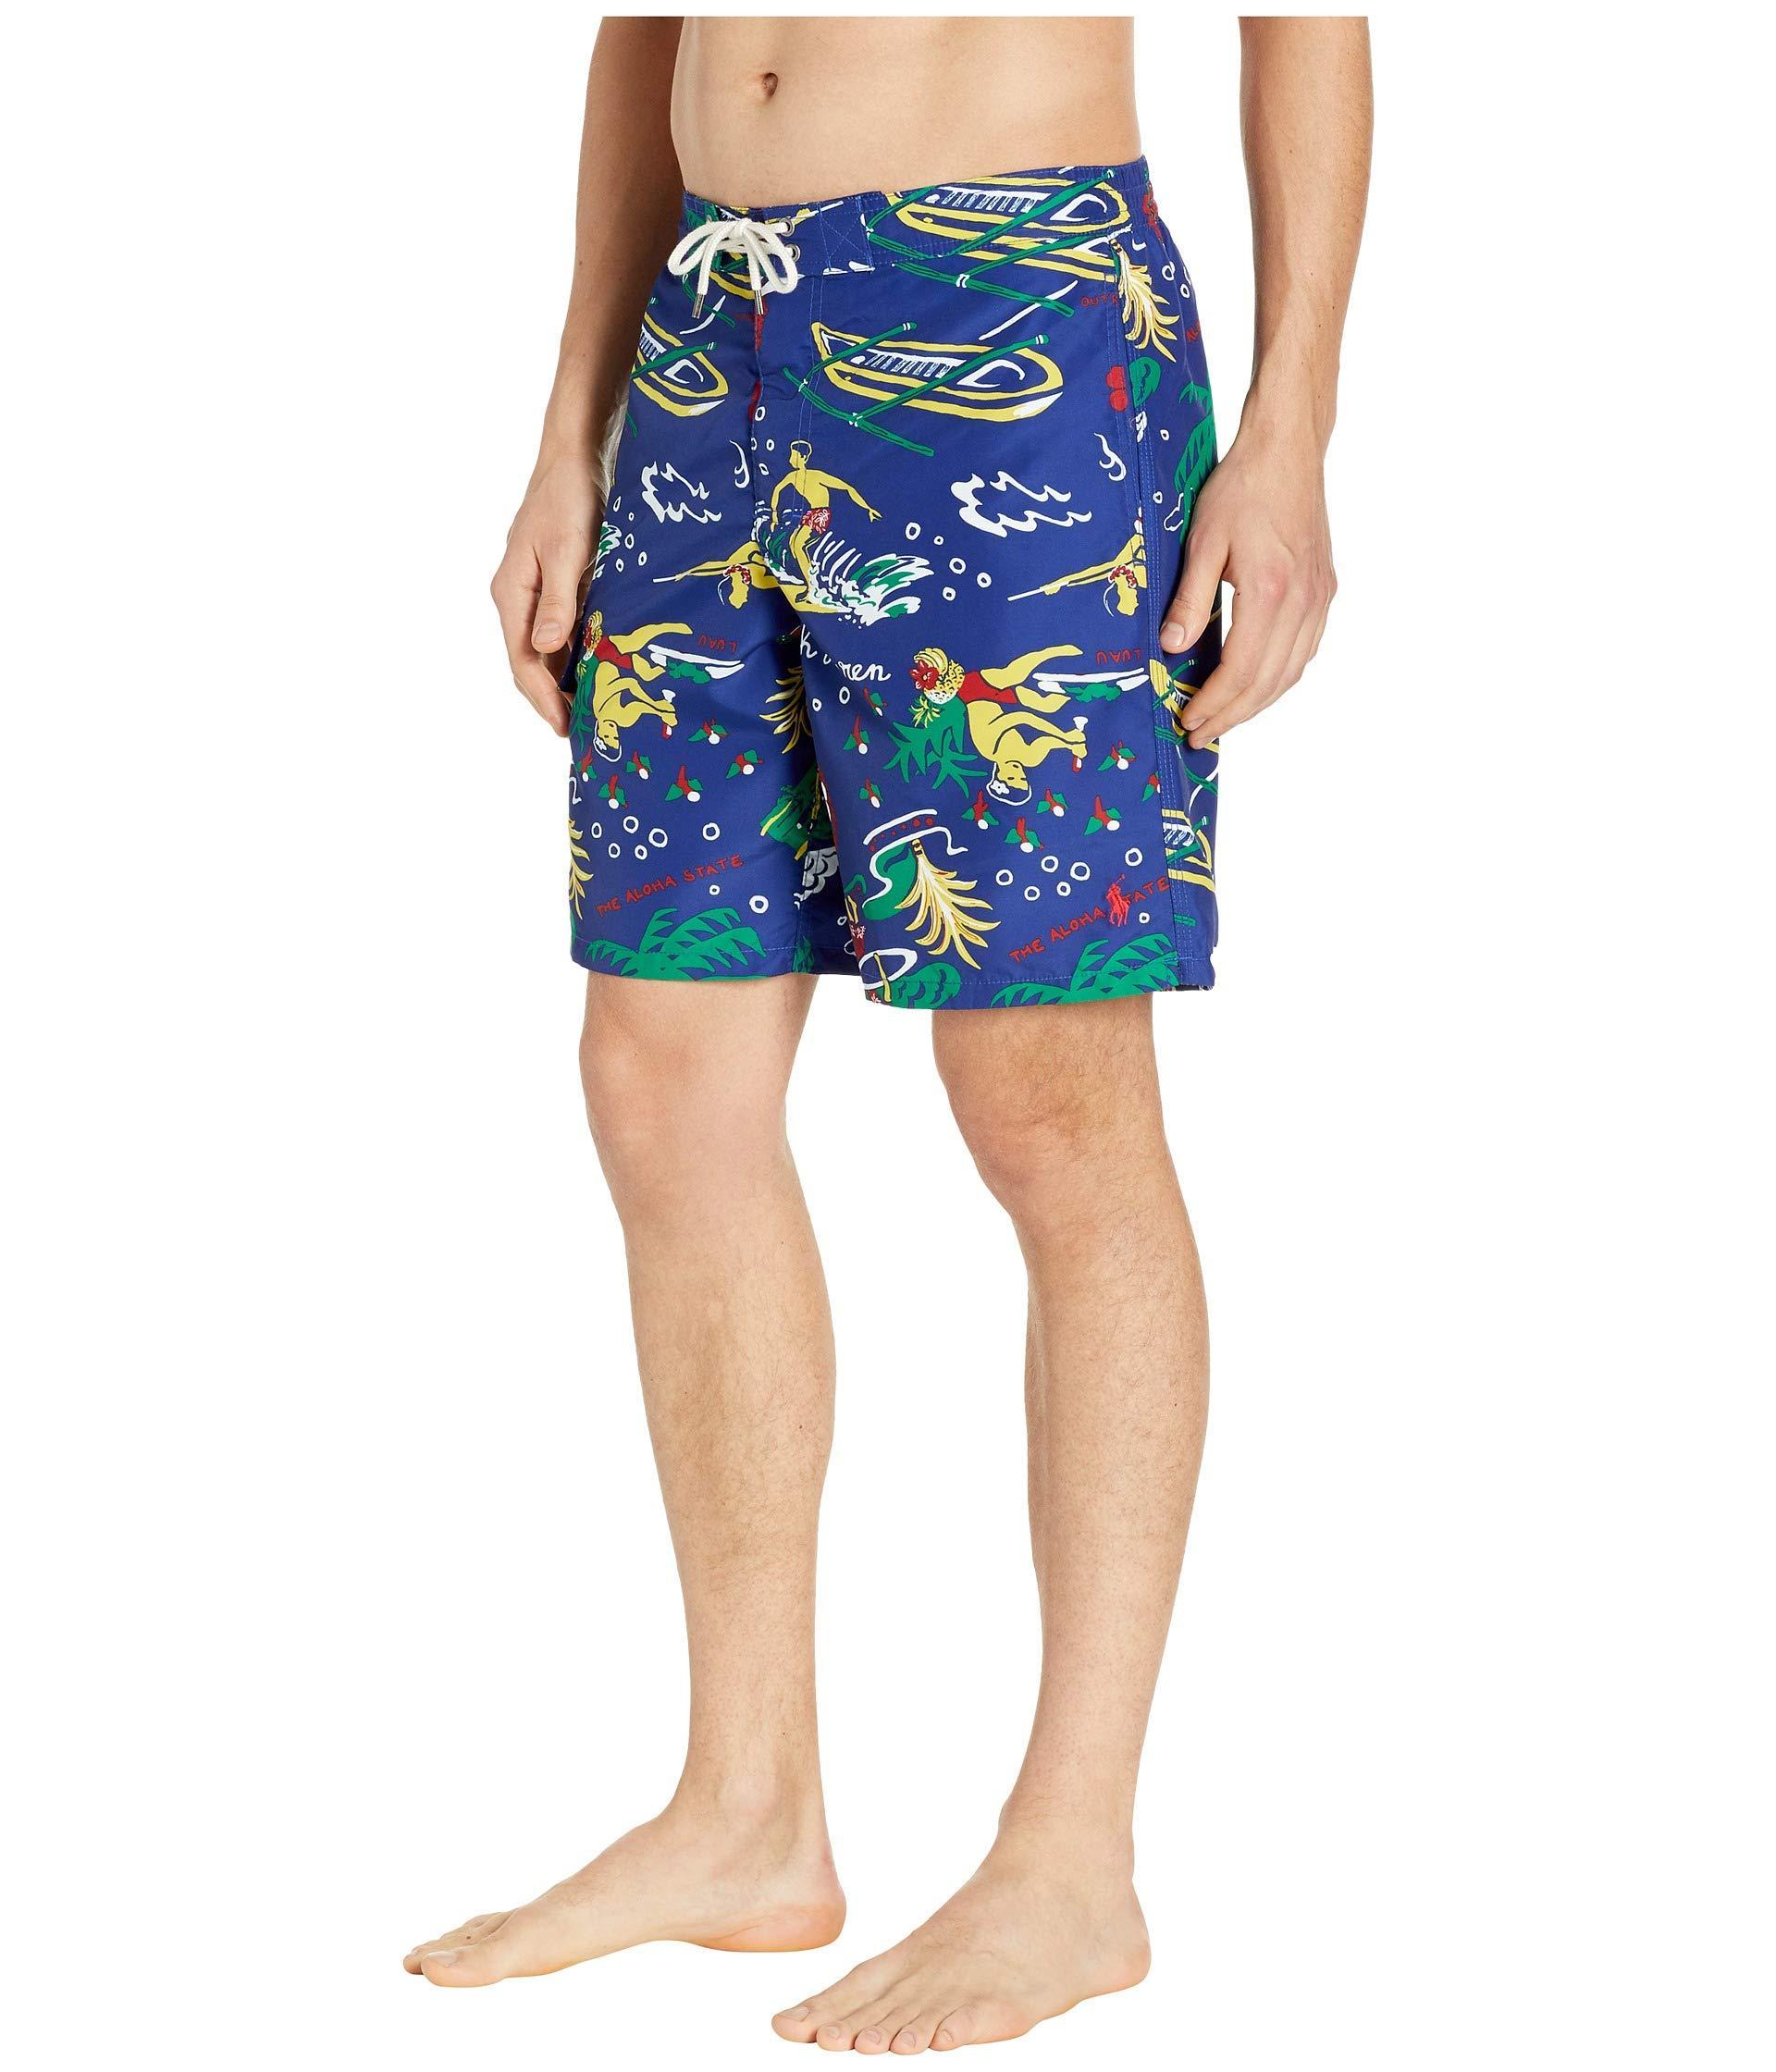 ecf3bd1c0d Lyst - Polo Ralph Lauren Kailua Swim Trunks (surfside Diary) Men's Swimwear  in Blue for Men